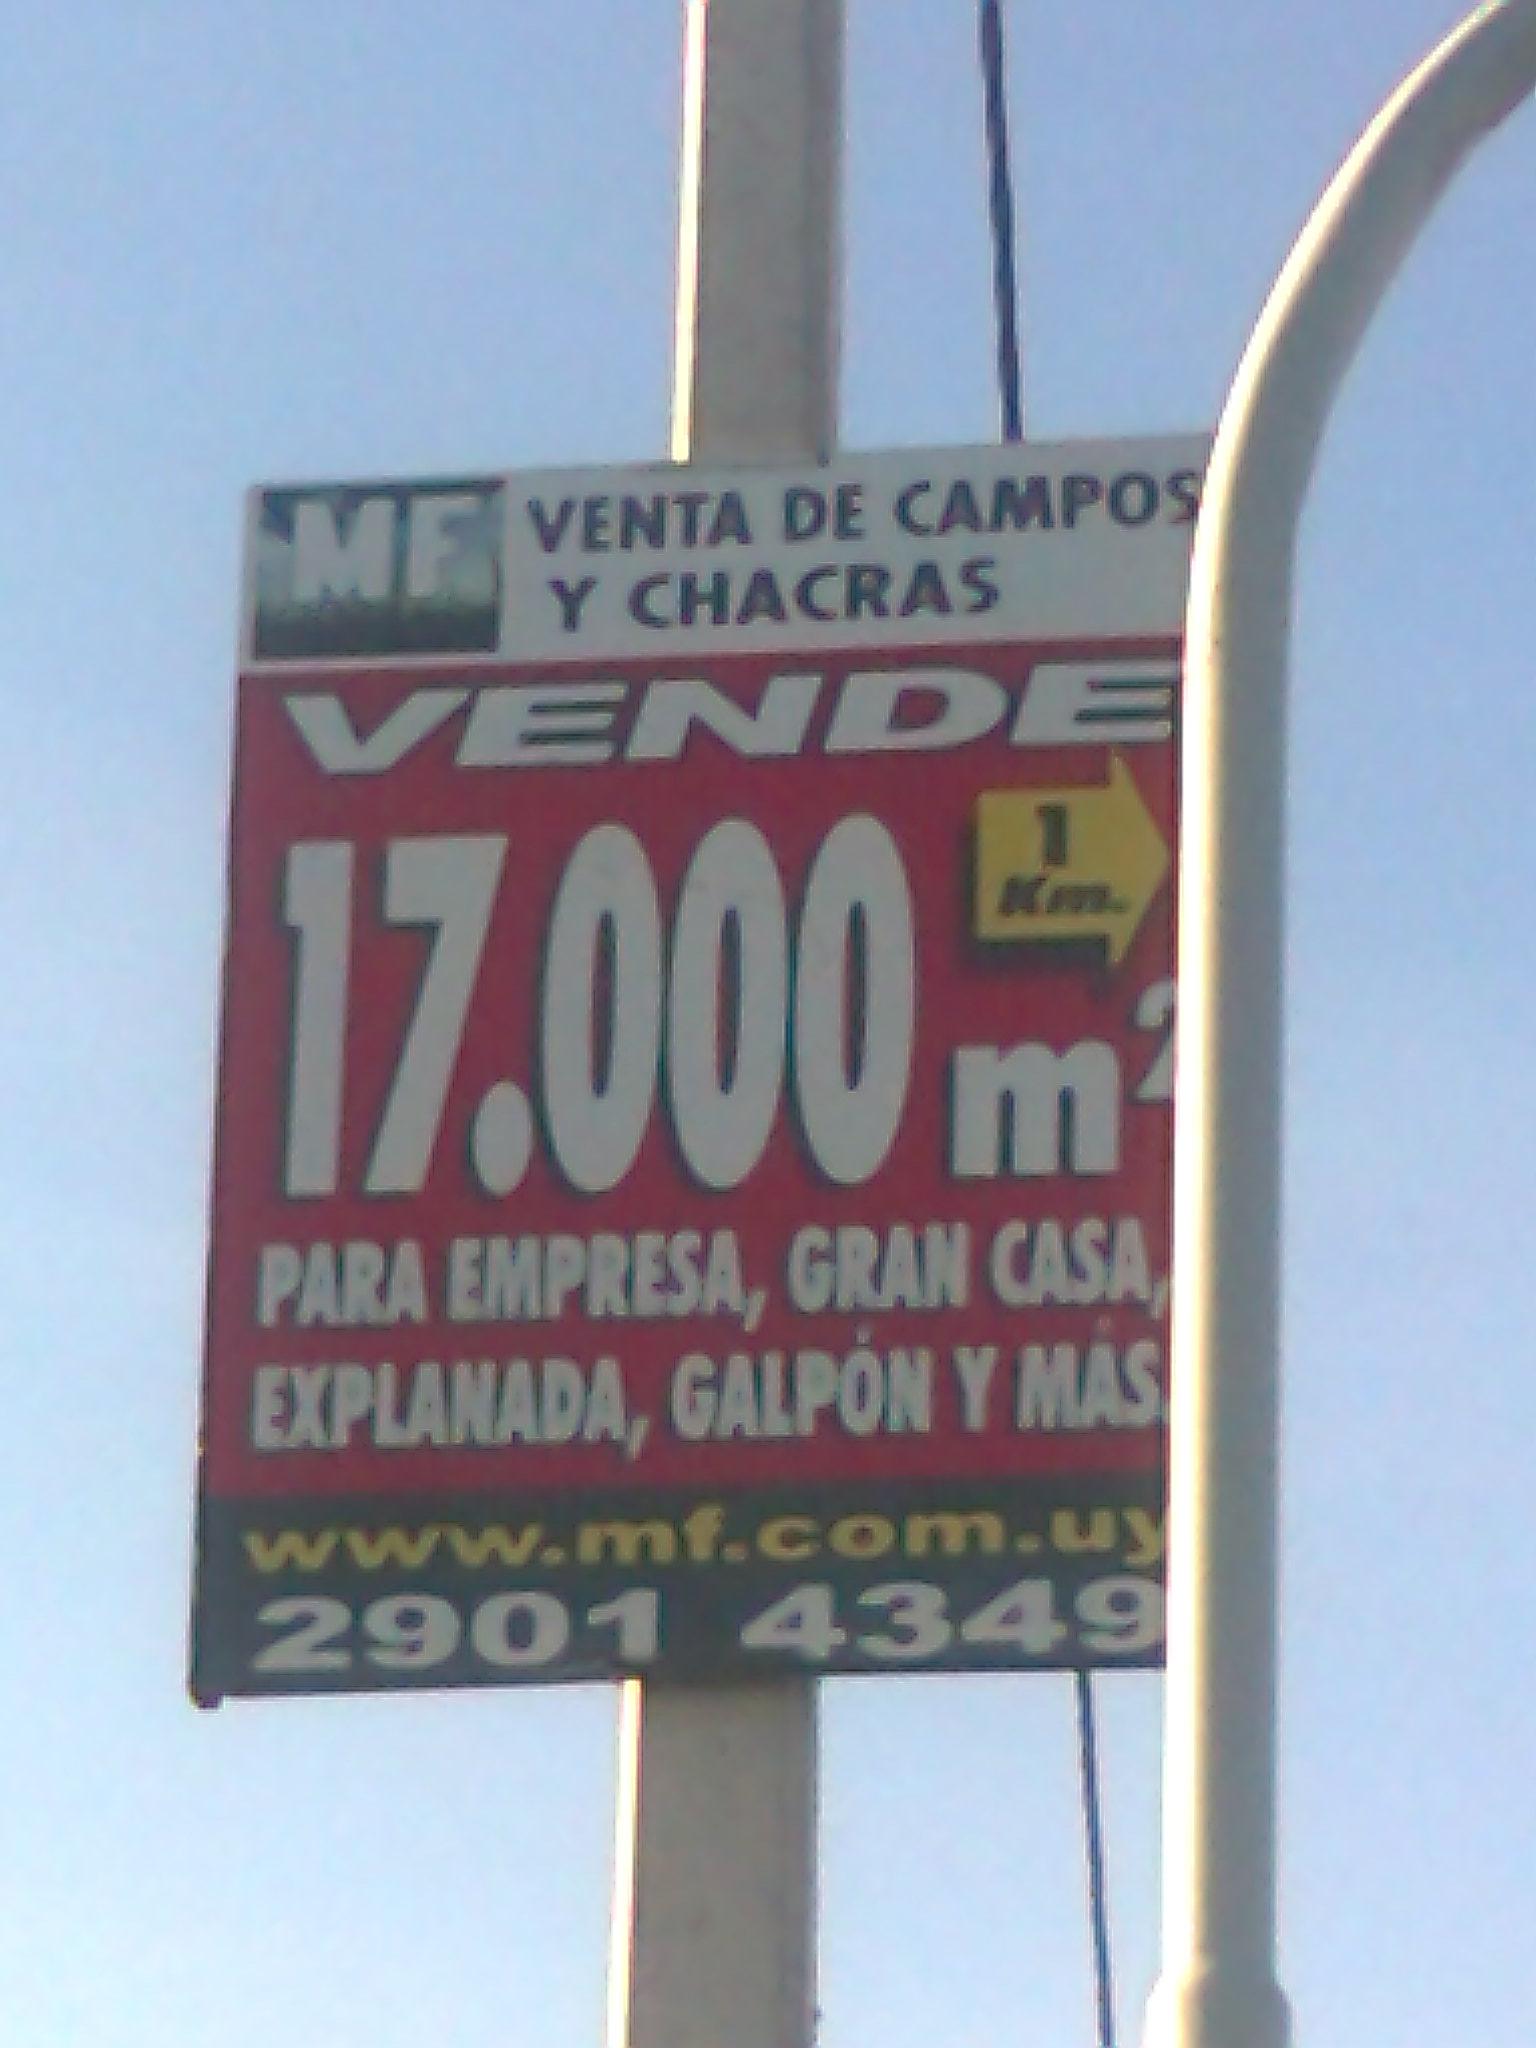 7 cartel, venden chacras ponen logística